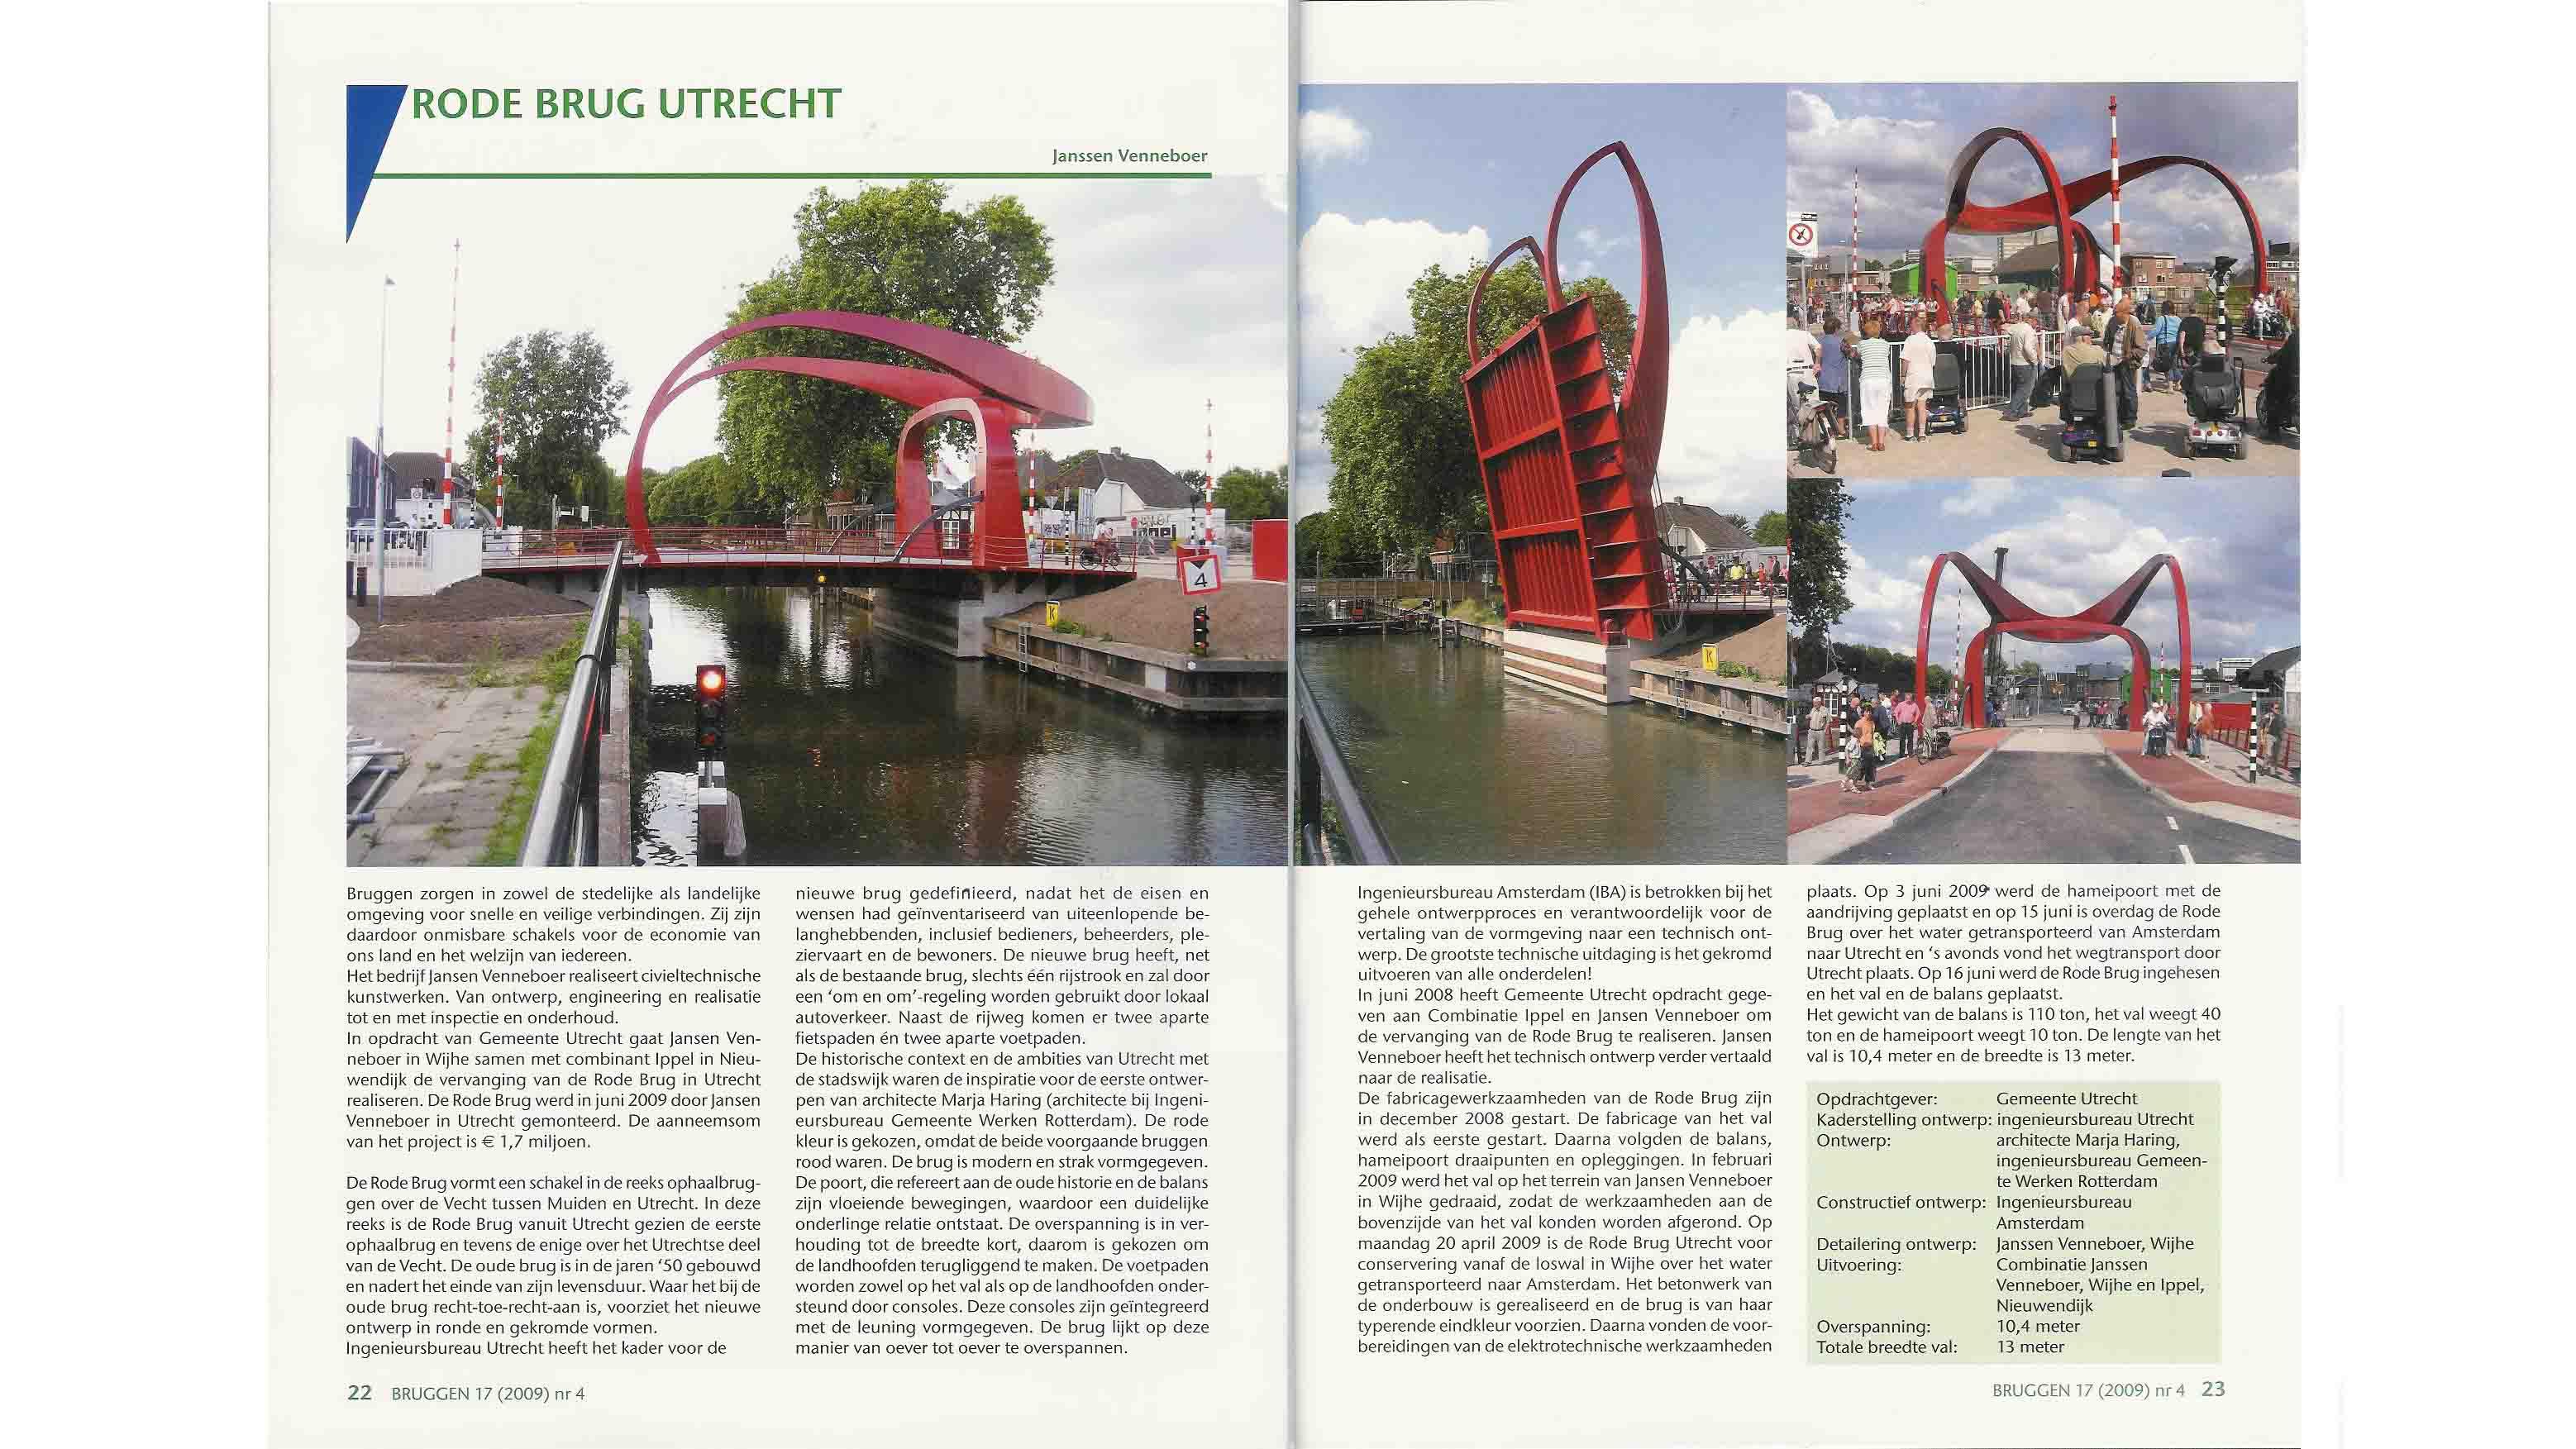 Rode brug bruggen 2009-4